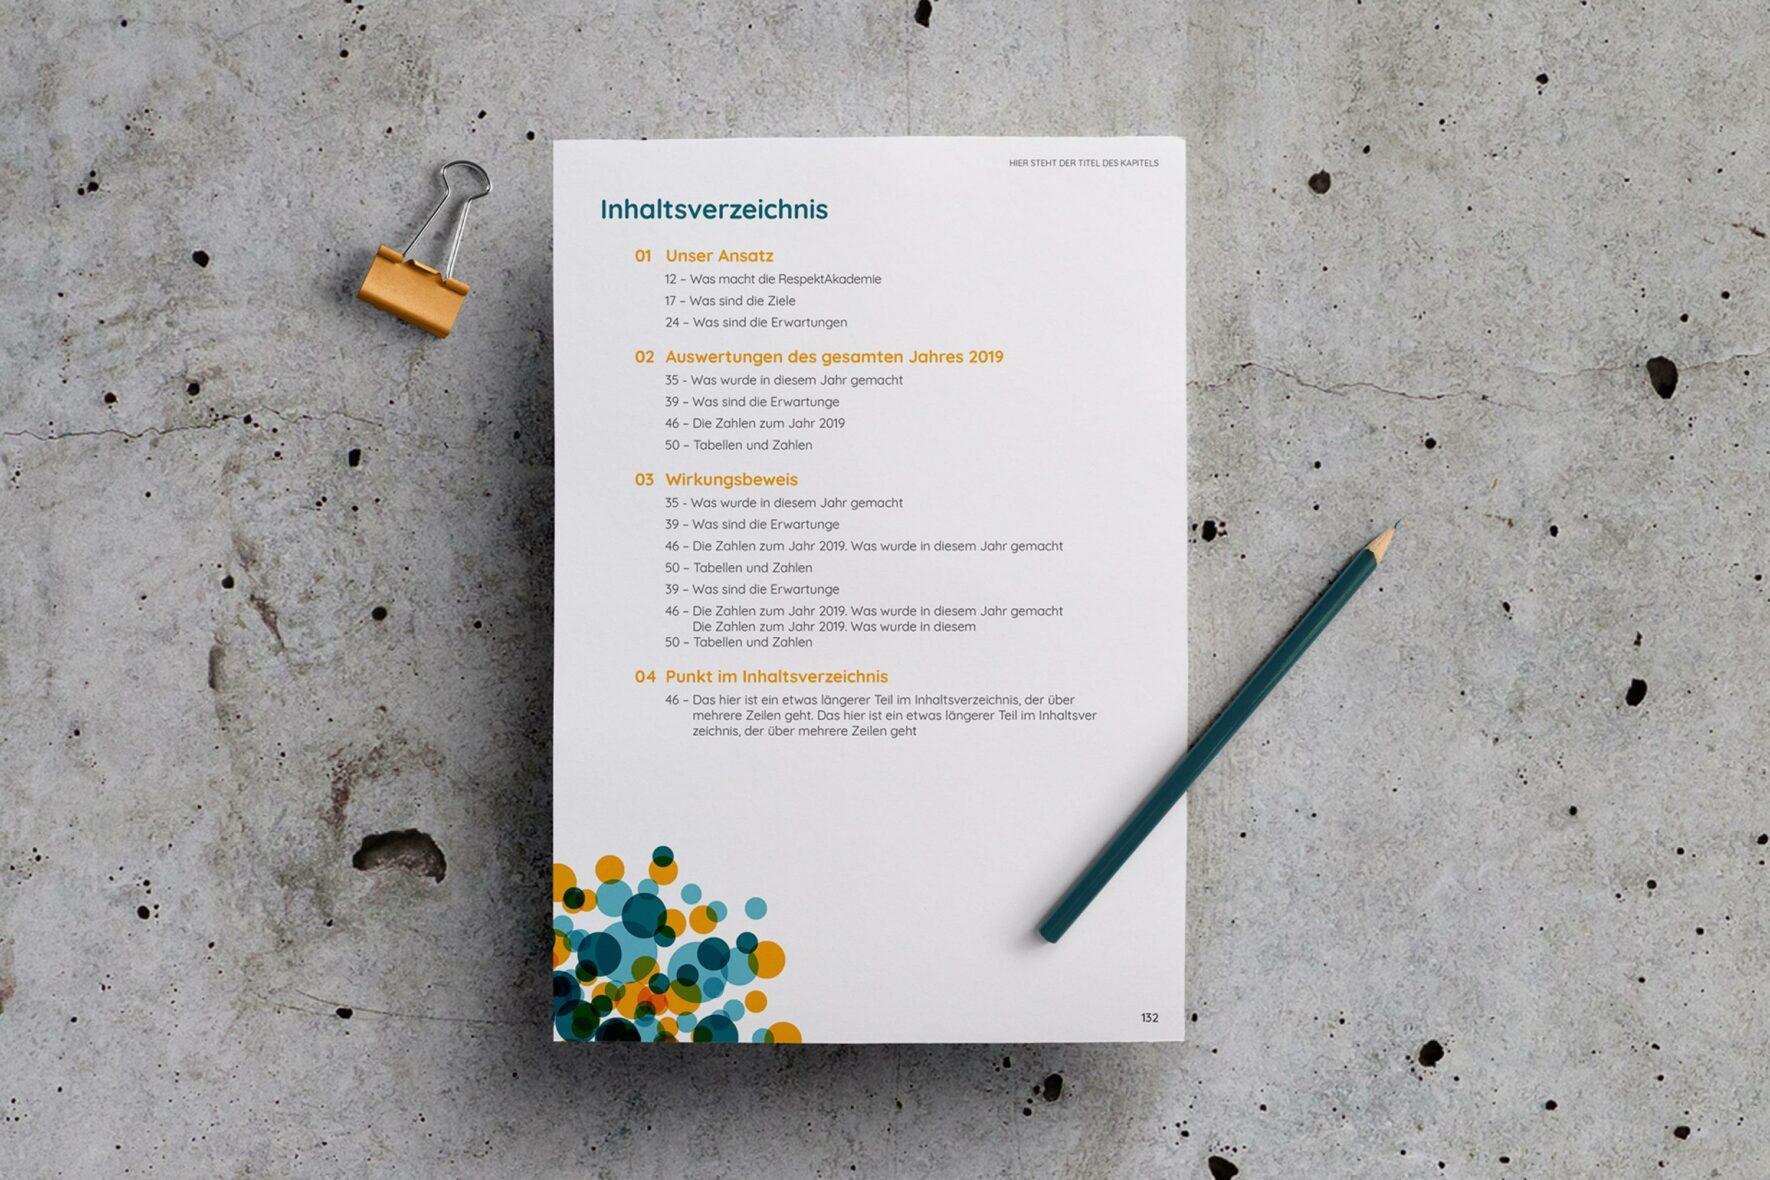 RespektAkademie-Corporate-Design-Vorlage-Bericht-Broschuere-Print-FORMLOS-Berlin-2